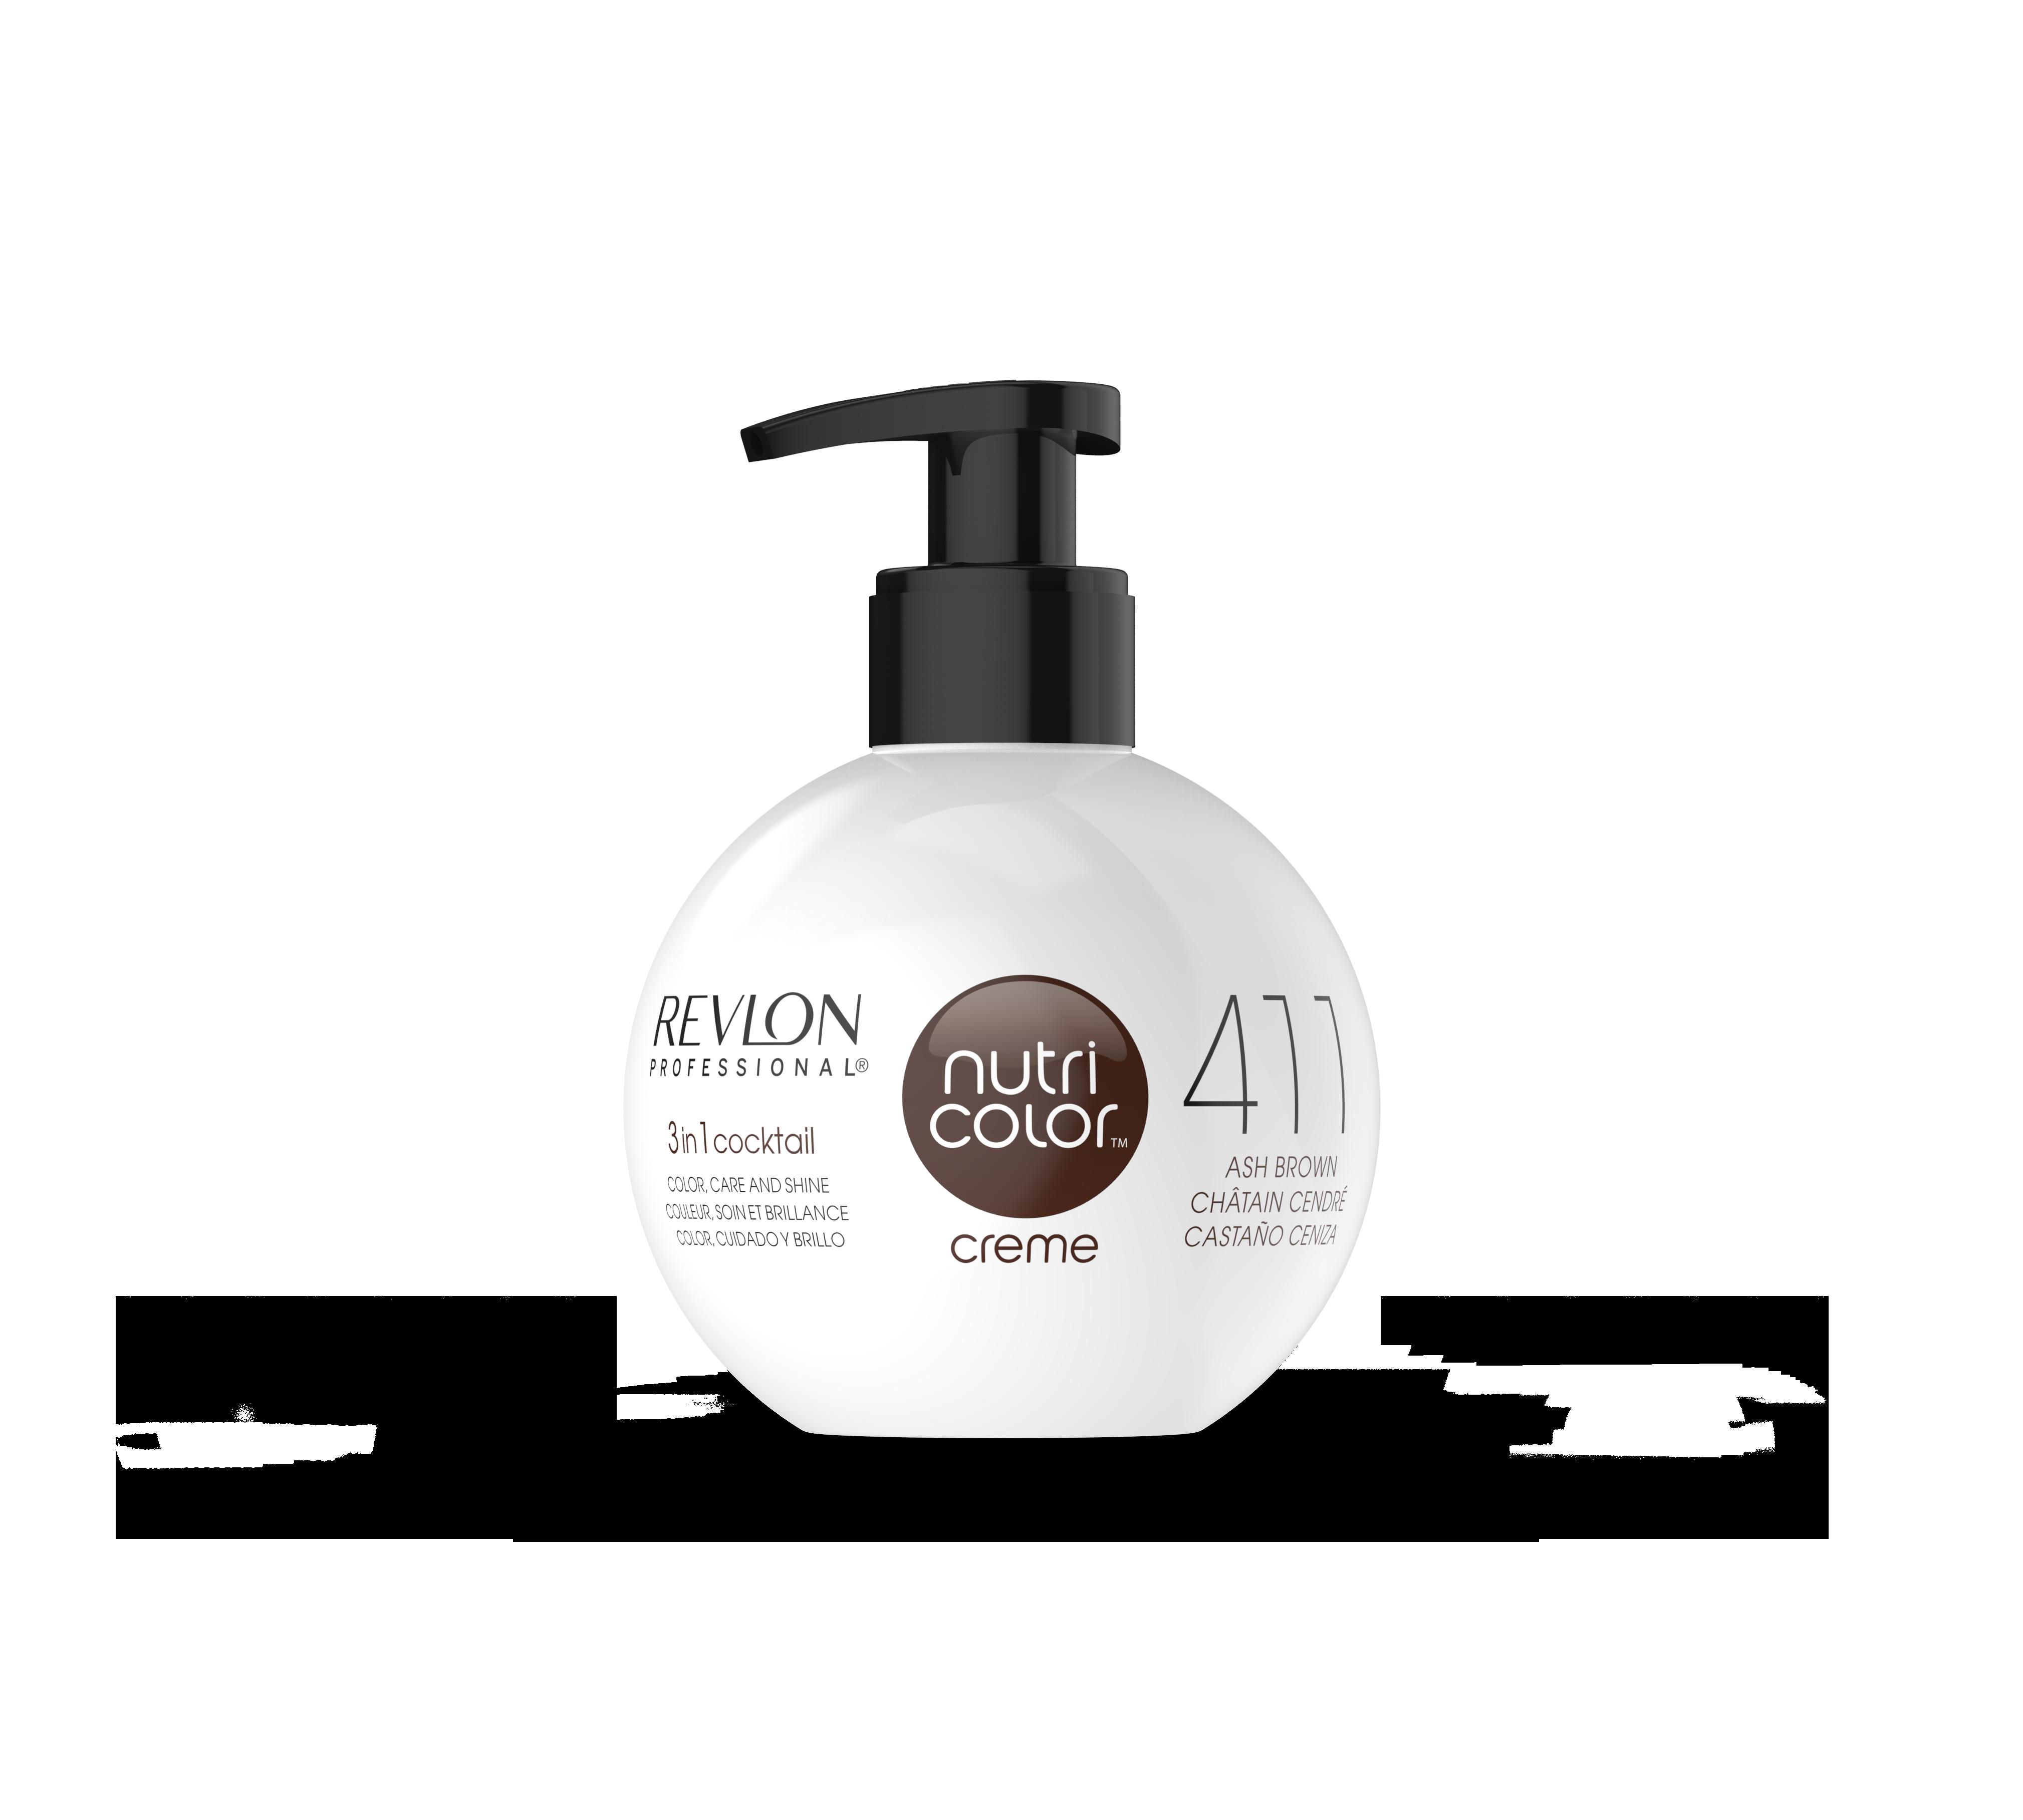 REVLON Professional 411 краска 3 в 1 для волос, коричневый / NUTRI COLOR CREME 270 мл